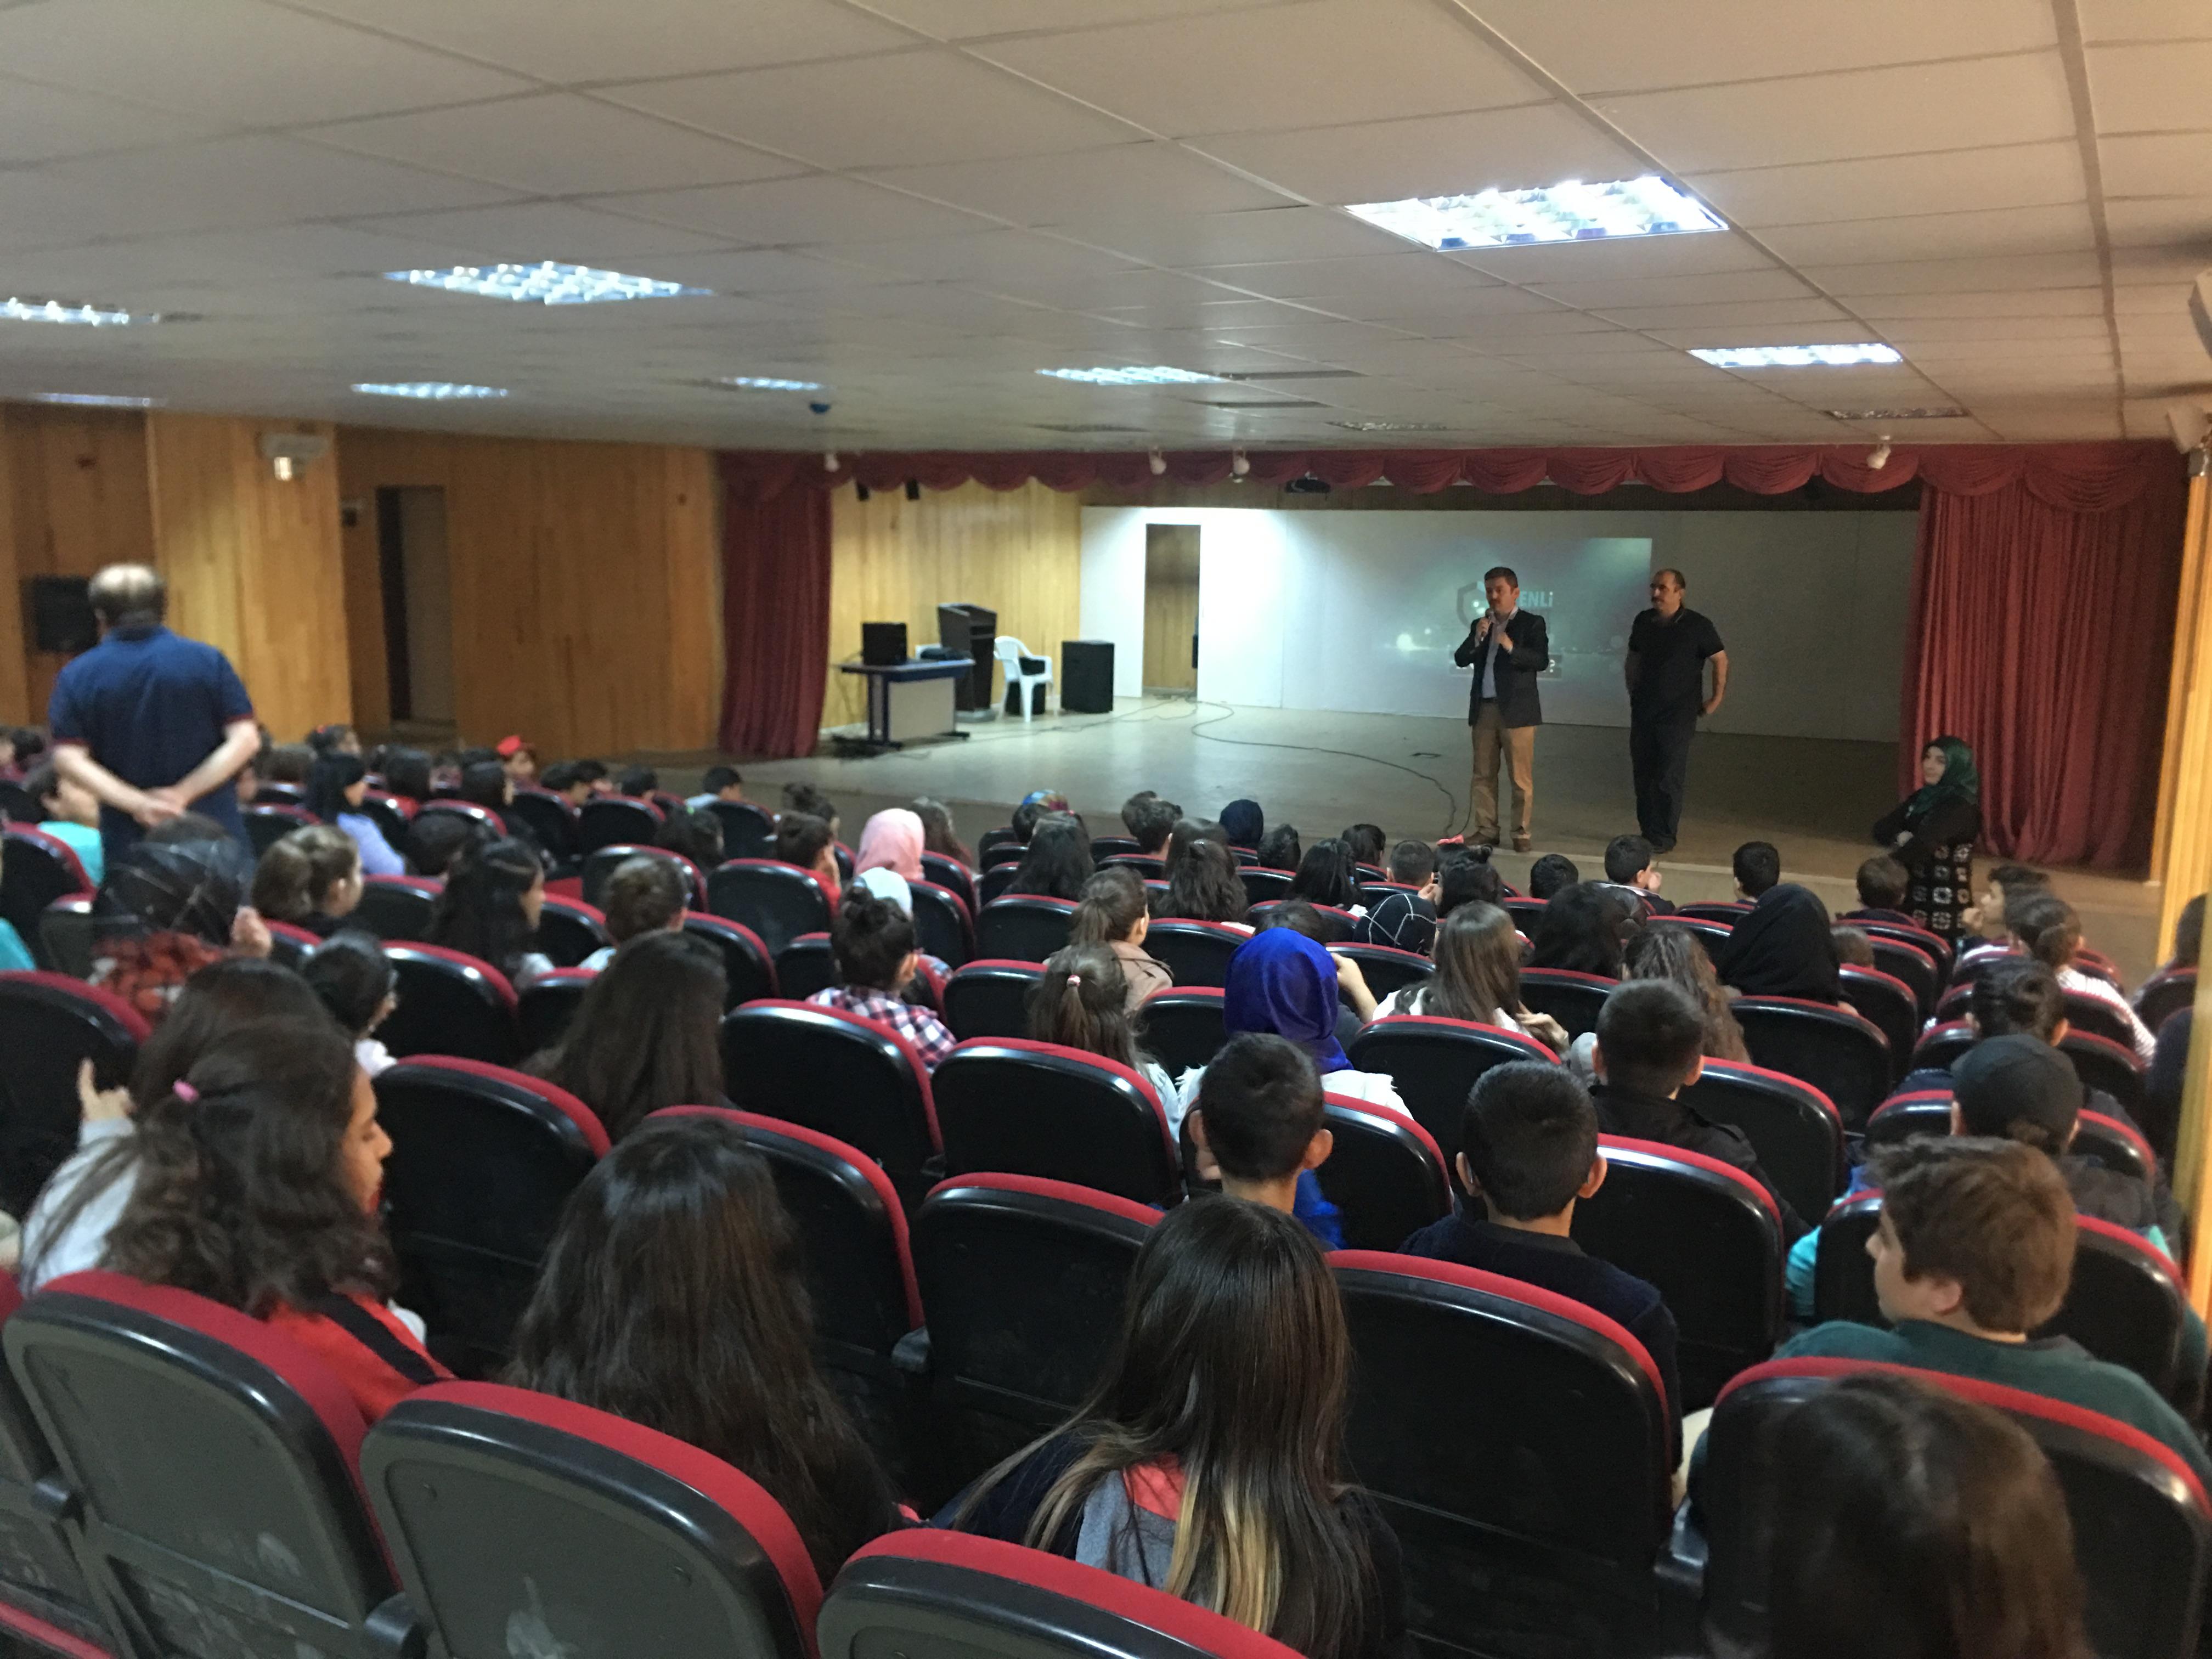 Çorum Mehmet Akif Ersoy Ortaokulunda, Bilinçli Ve Güvenli İnternet Semineri